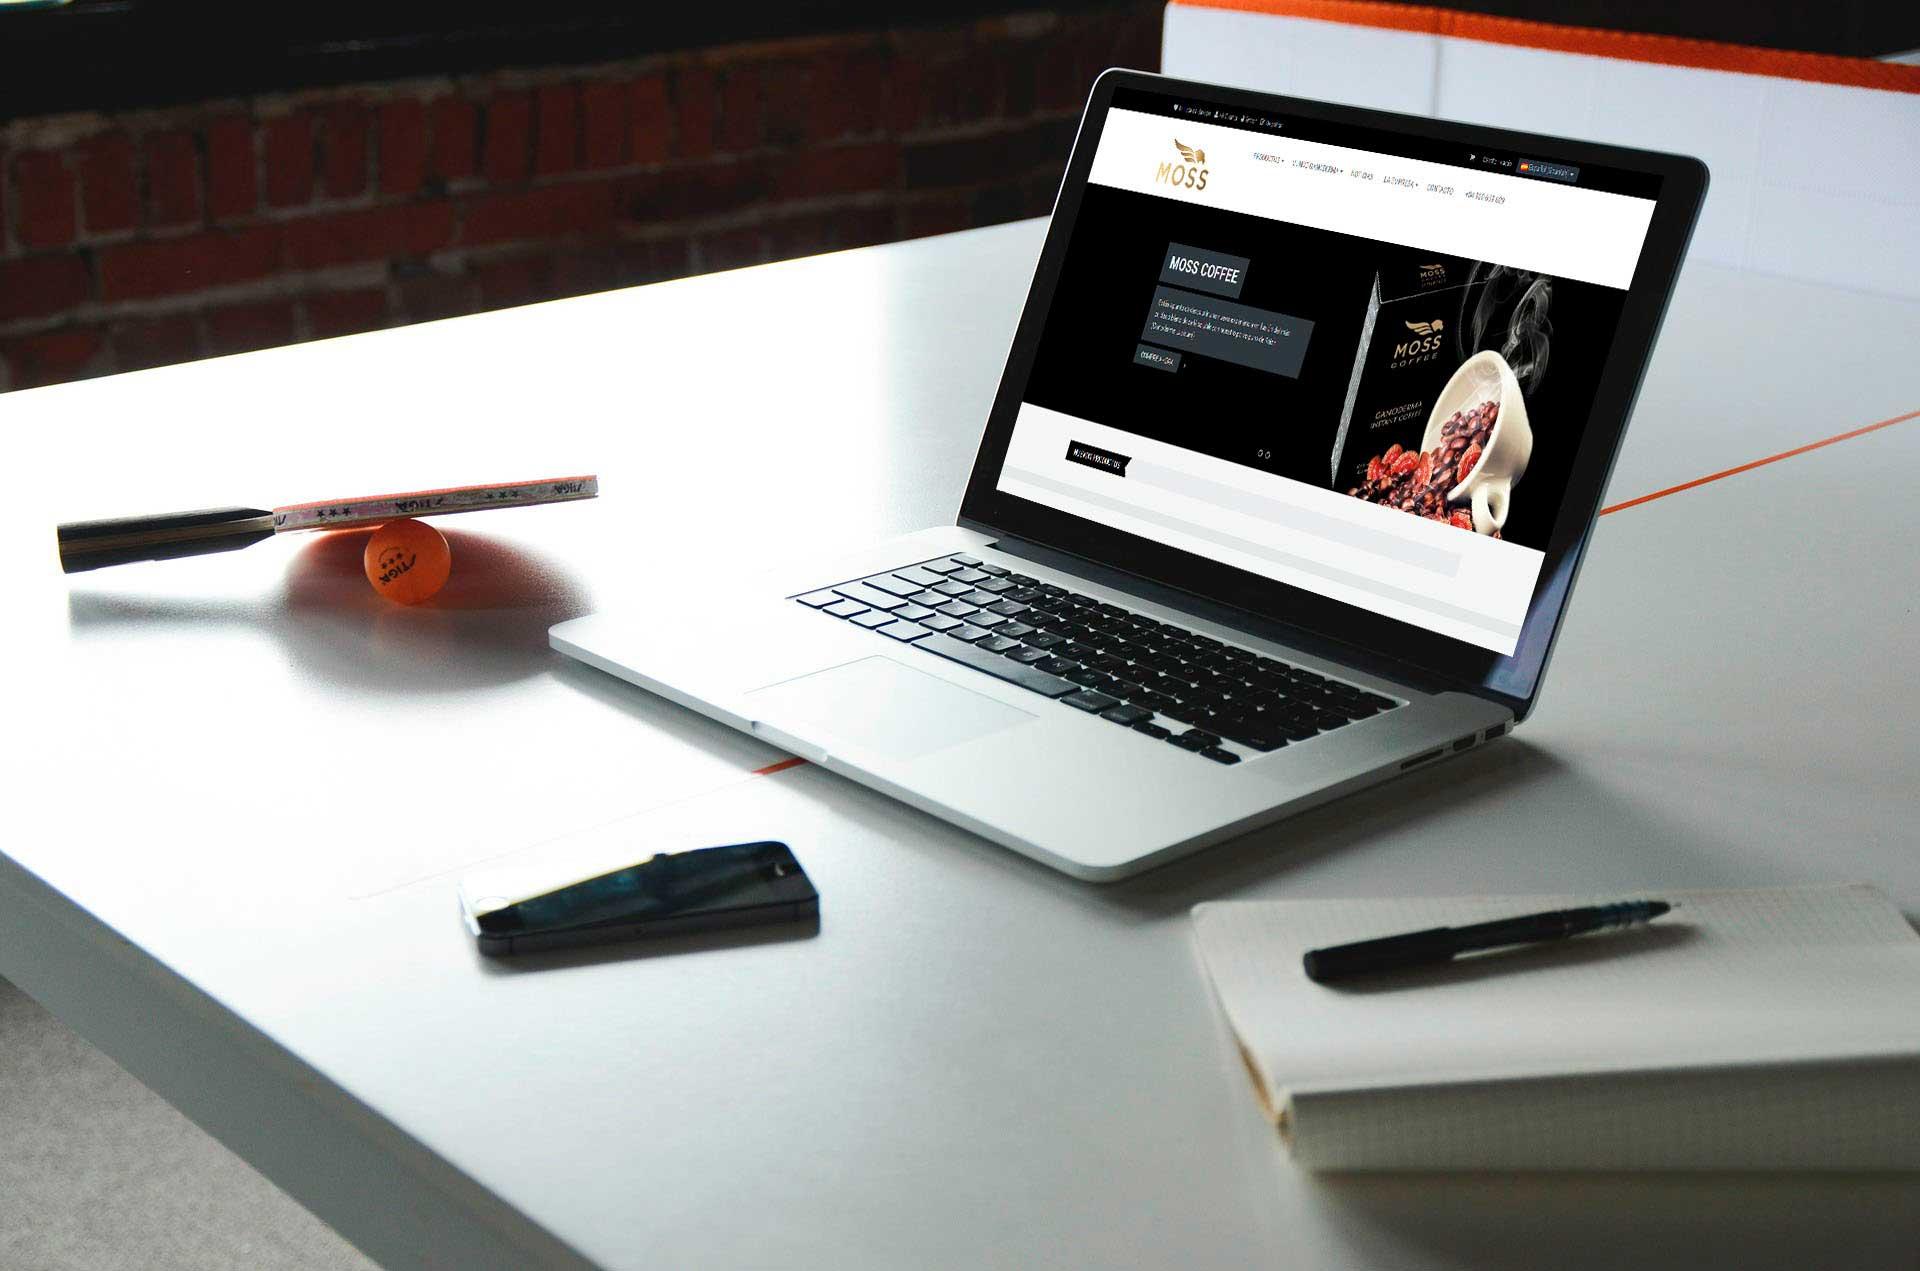 Desarrollo web&&en_ciudad&& Mosscoffee